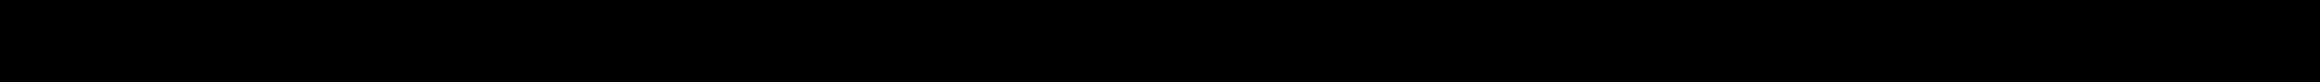 MAHLE ORIGINAL UBC760010, UBC760011, UBC760030 Ölkühler, Automatikgetriebe